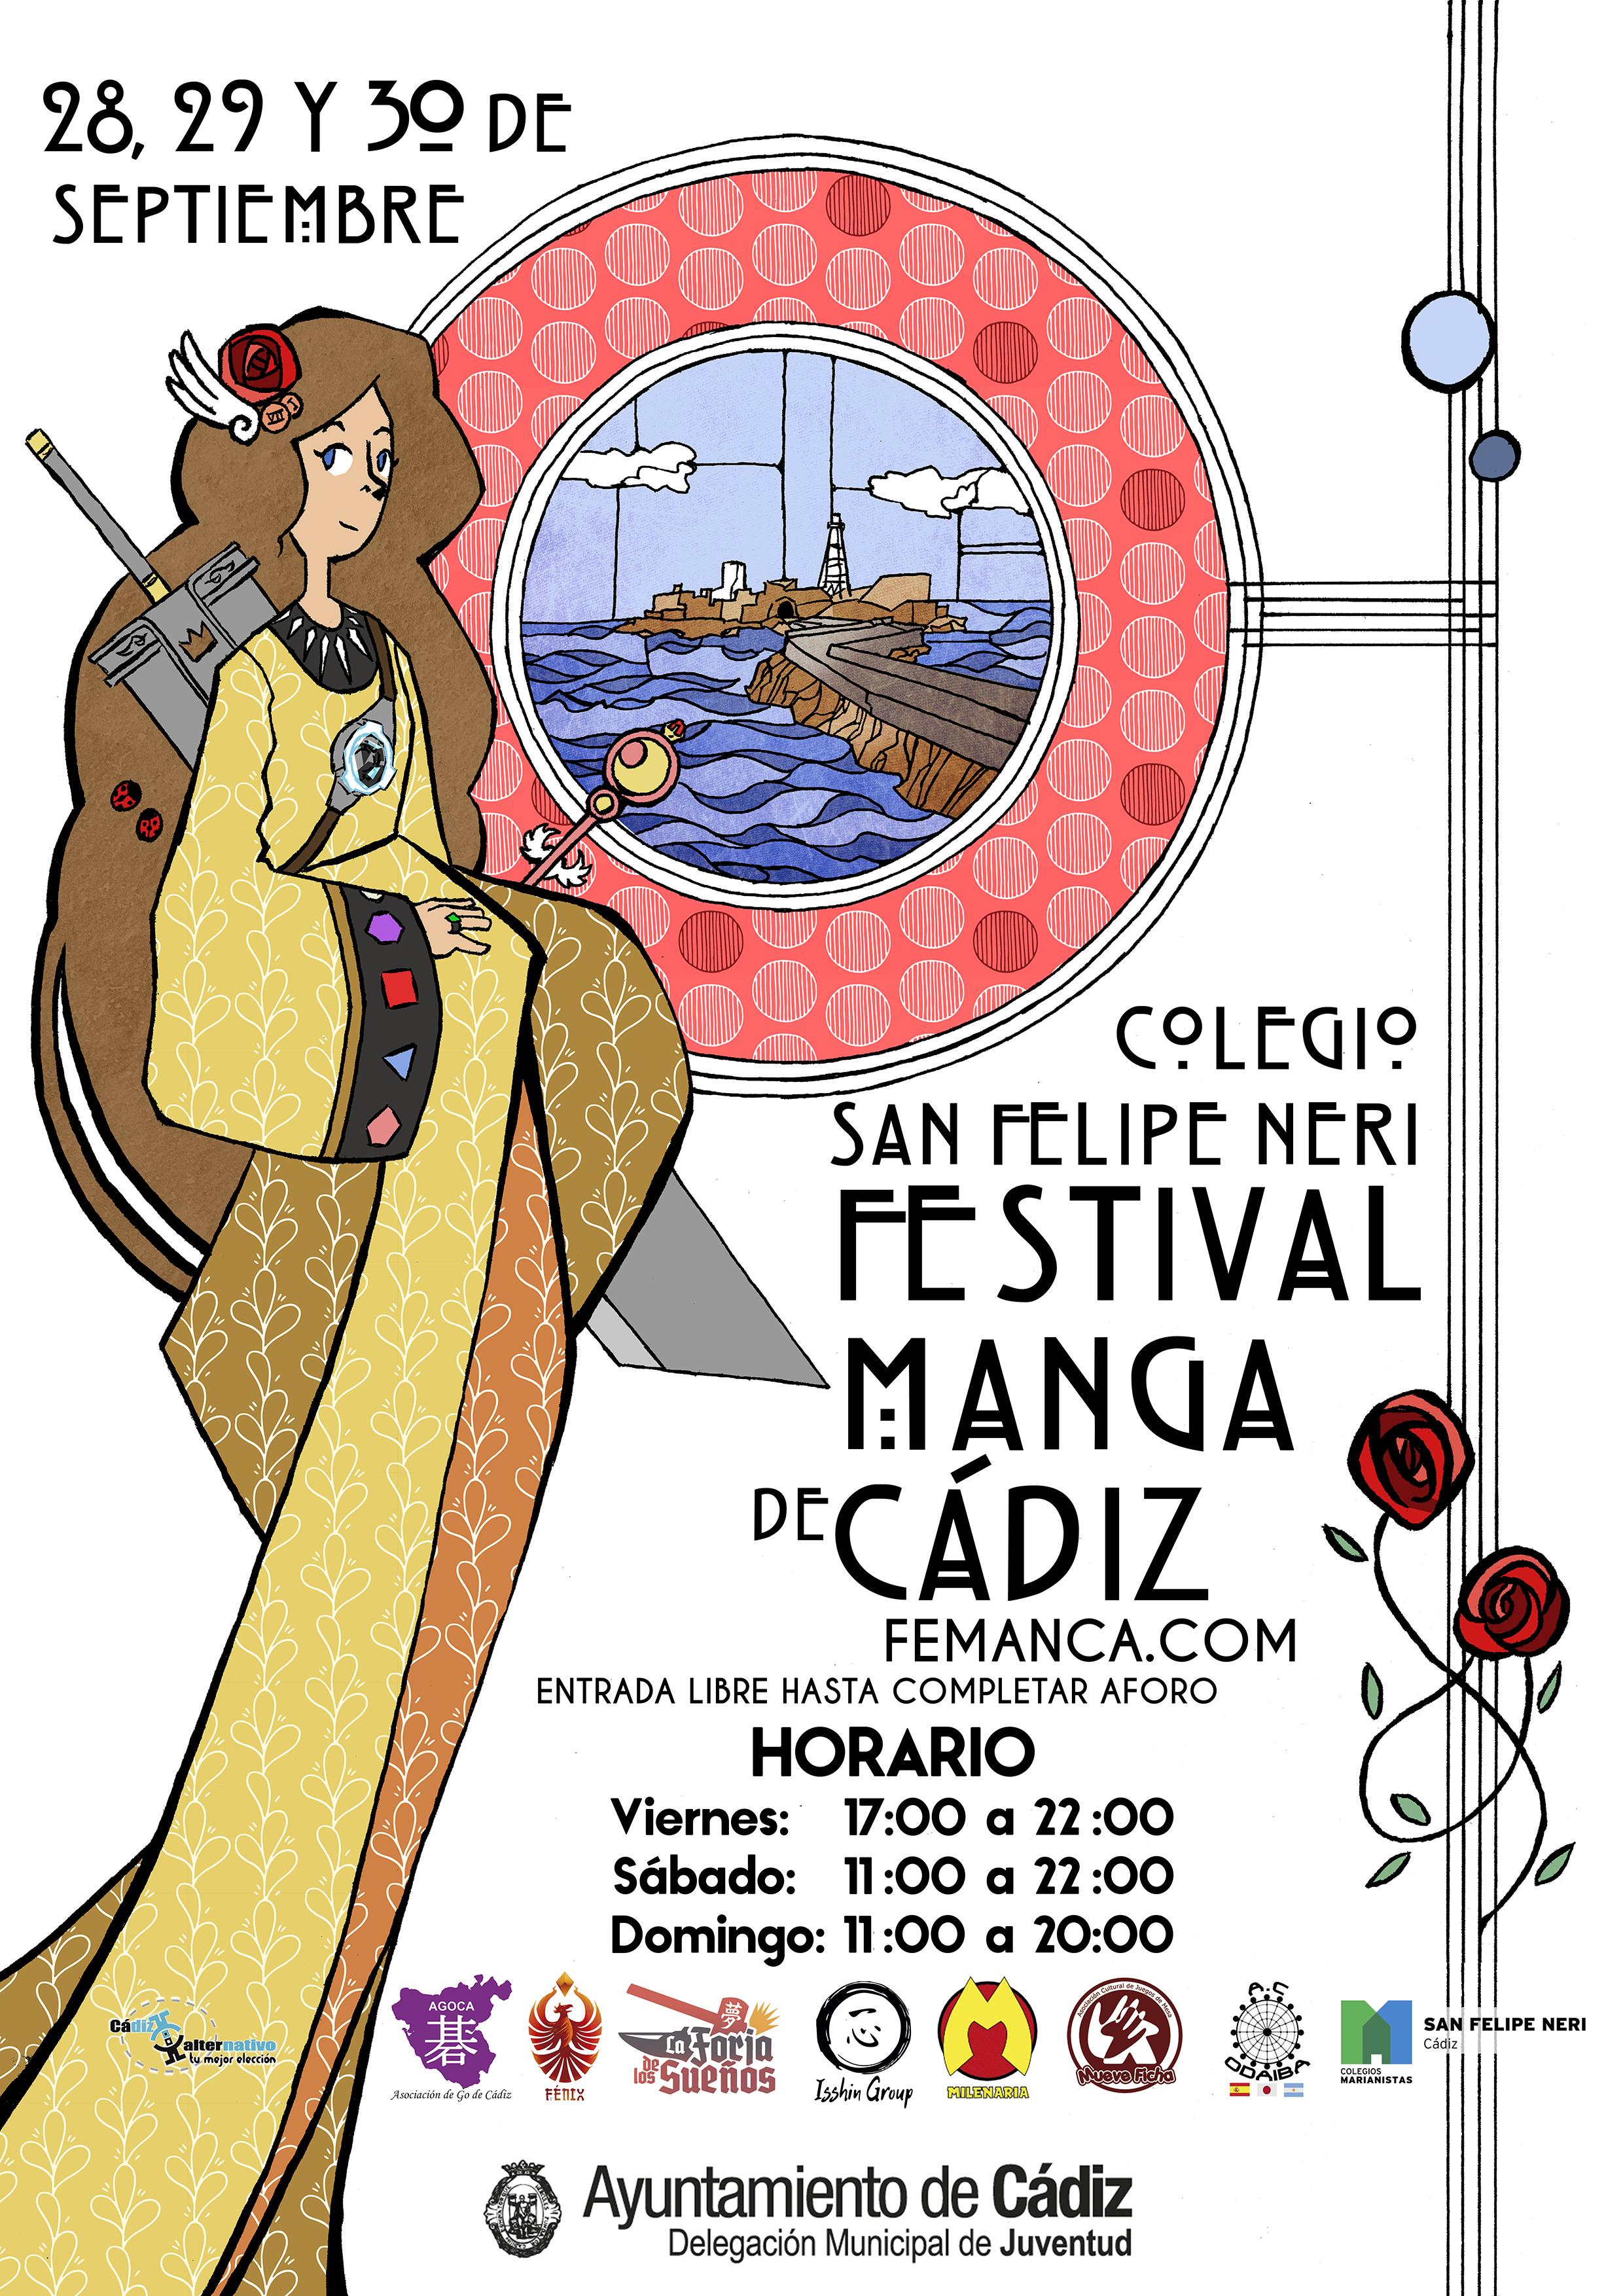 Festival de Manga de Cádiz